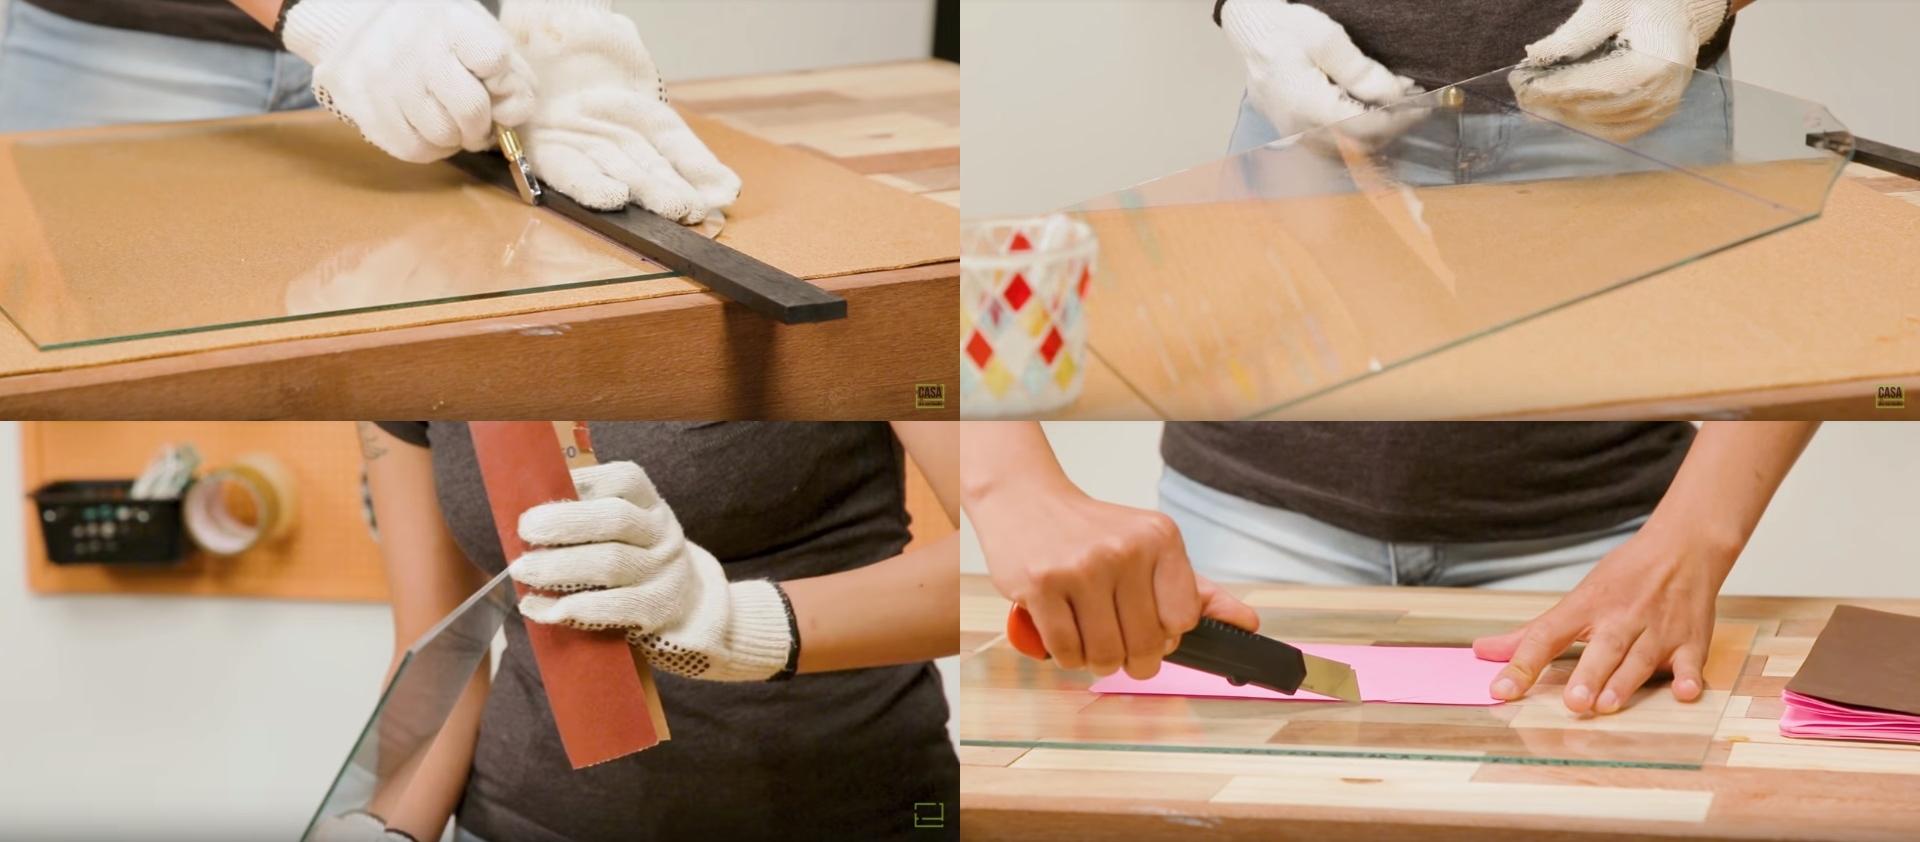 Vidro sendo cortado, separação das partes cortadas, vidro sendo lixado para descartar partículas pontiagudas e, por fim, vidro sendo usado como base de corte para outros materiais